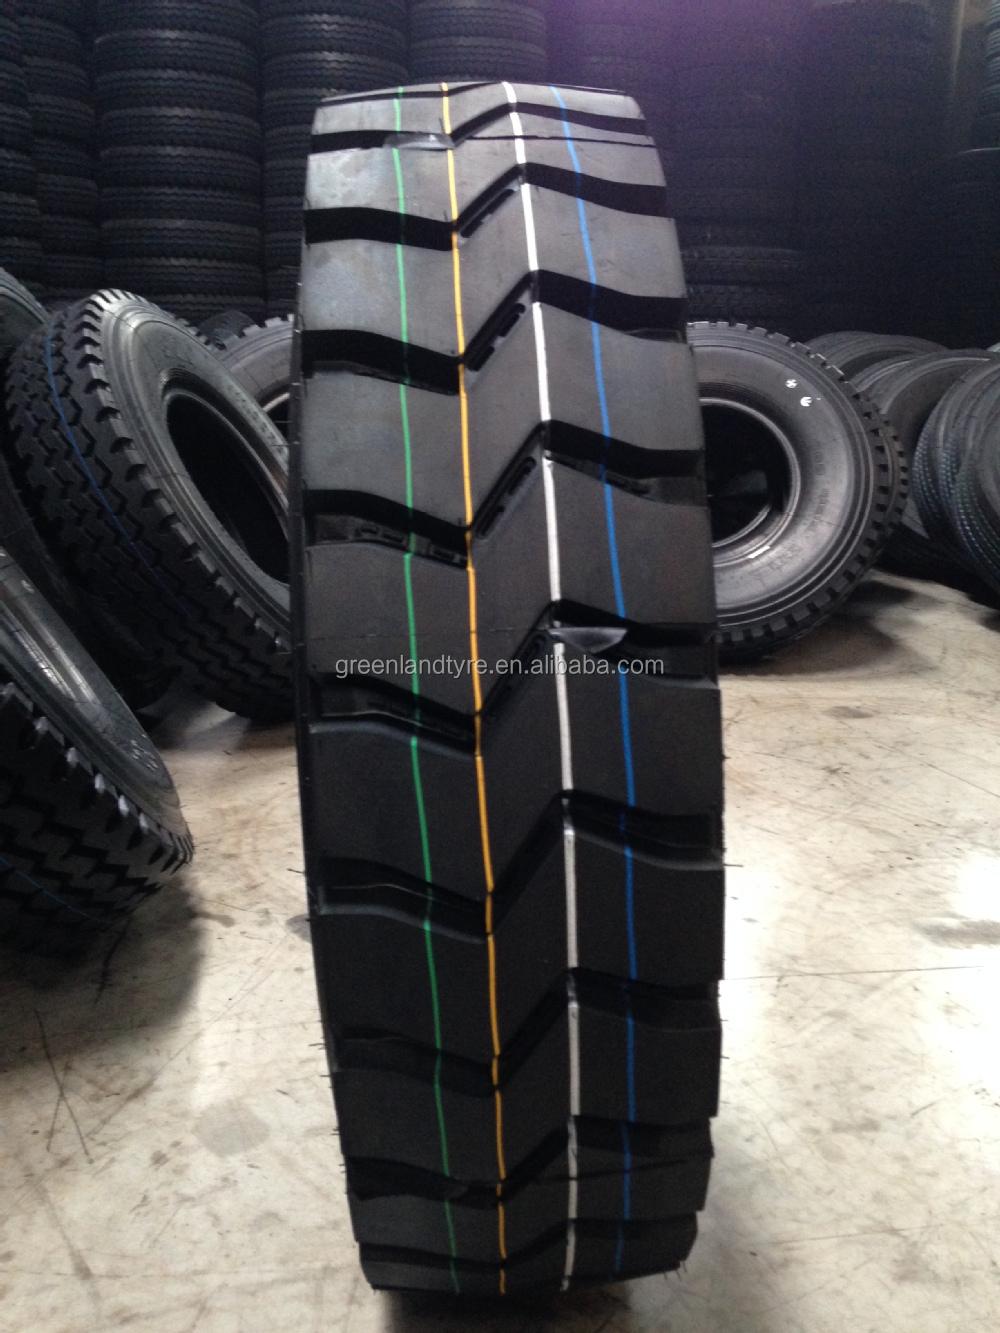 10r20 bas prix mrf pneus pour camion michelin pneus de camion camion benne pneus alibaba chine. Black Bedroom Furniture Sets. Home Design Ideas